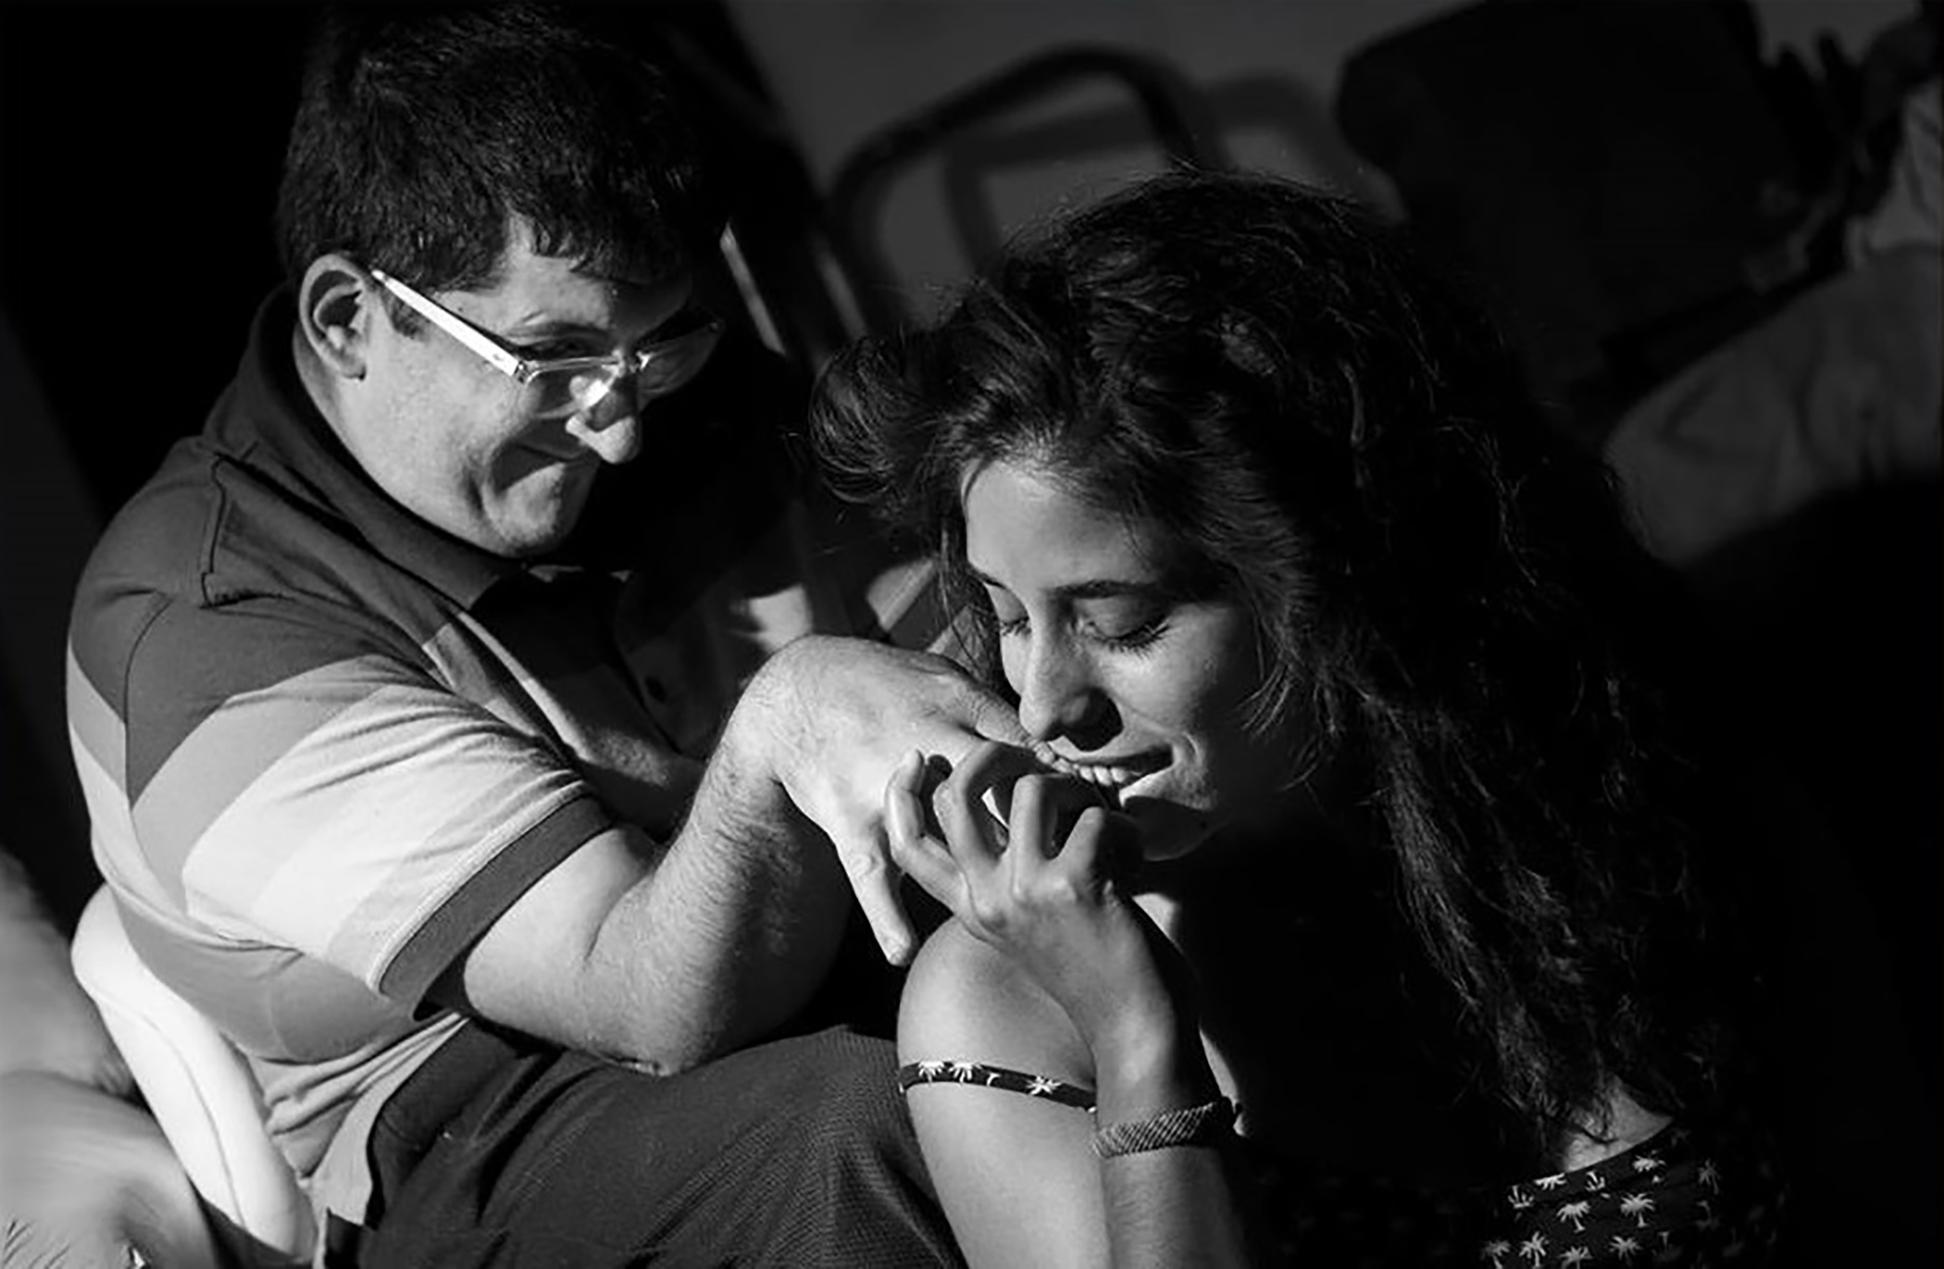 Cómo viven su sexualidad las personas con discapacidad: sillas de ruedas, asistencia y militancia